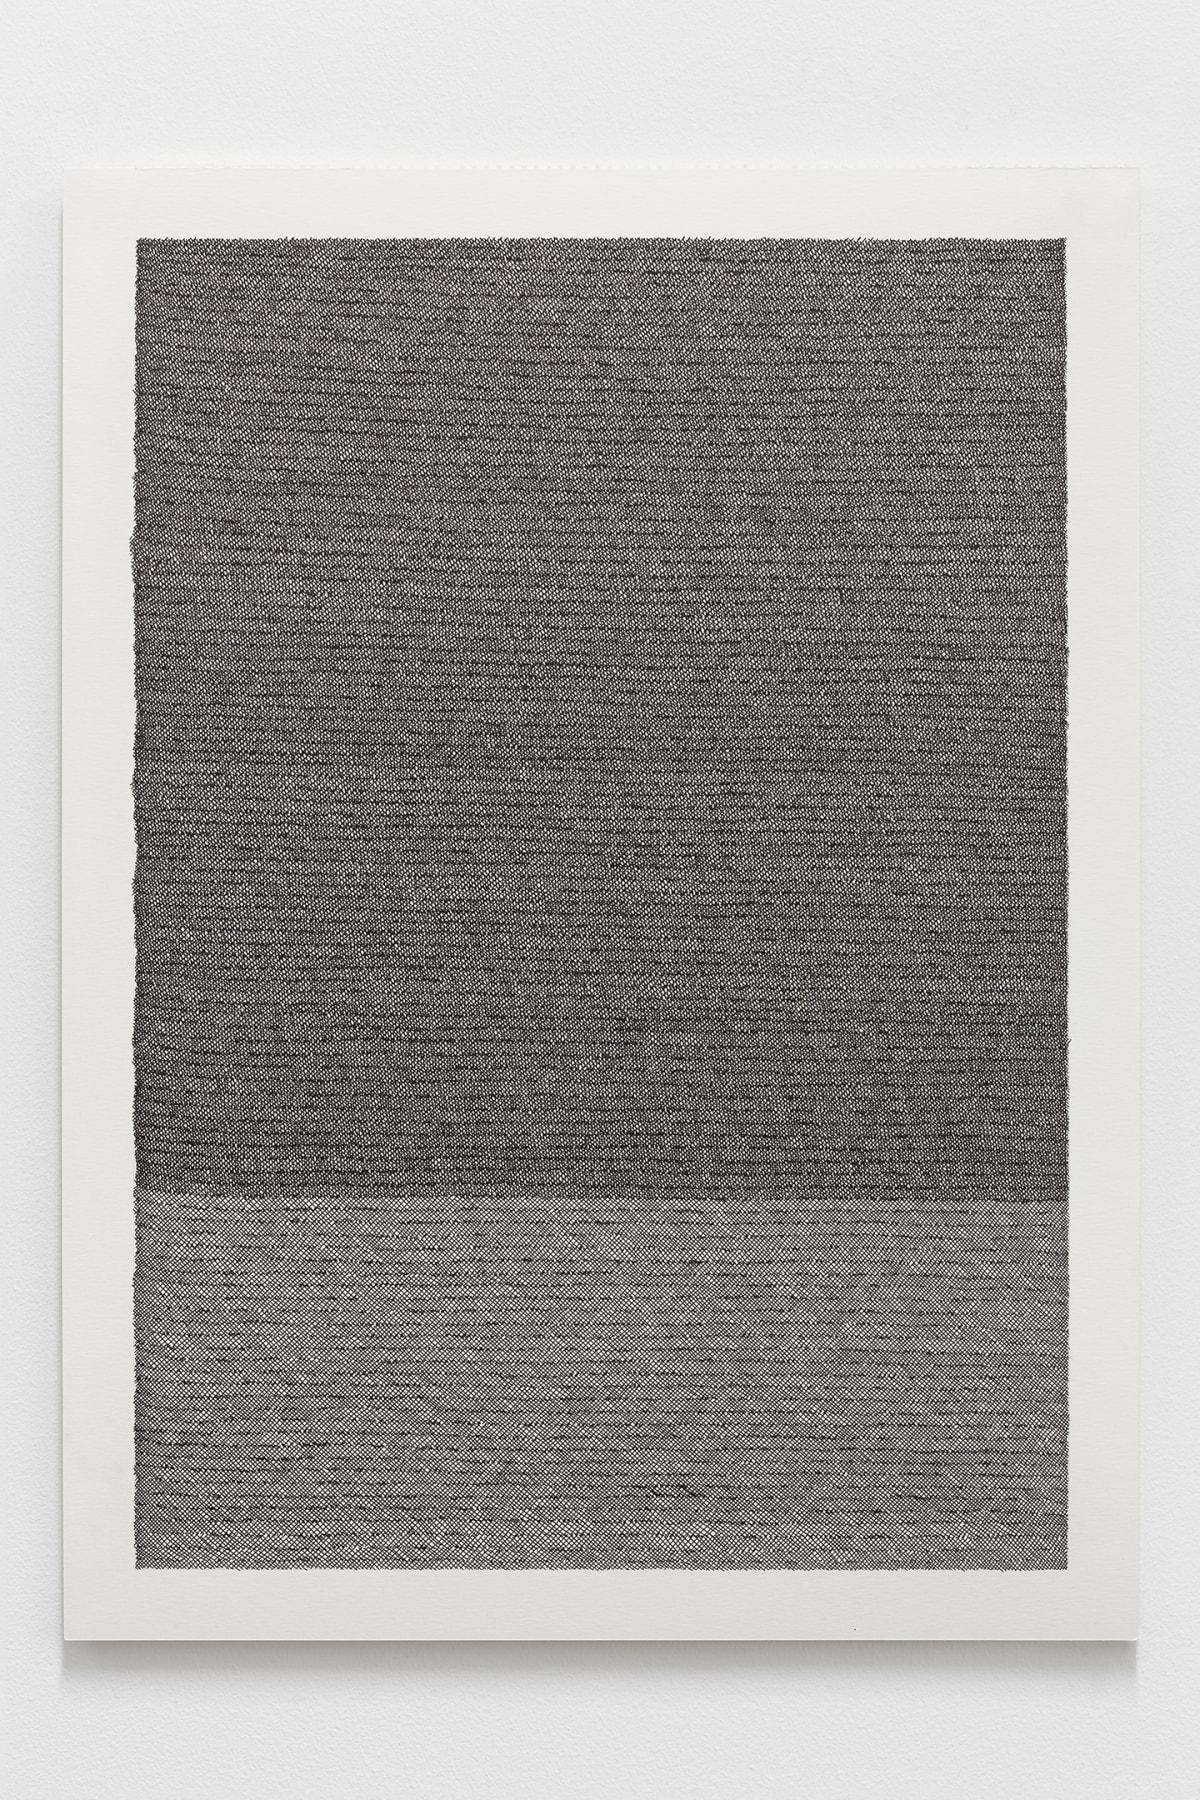 ARACNE (123.12) 1058